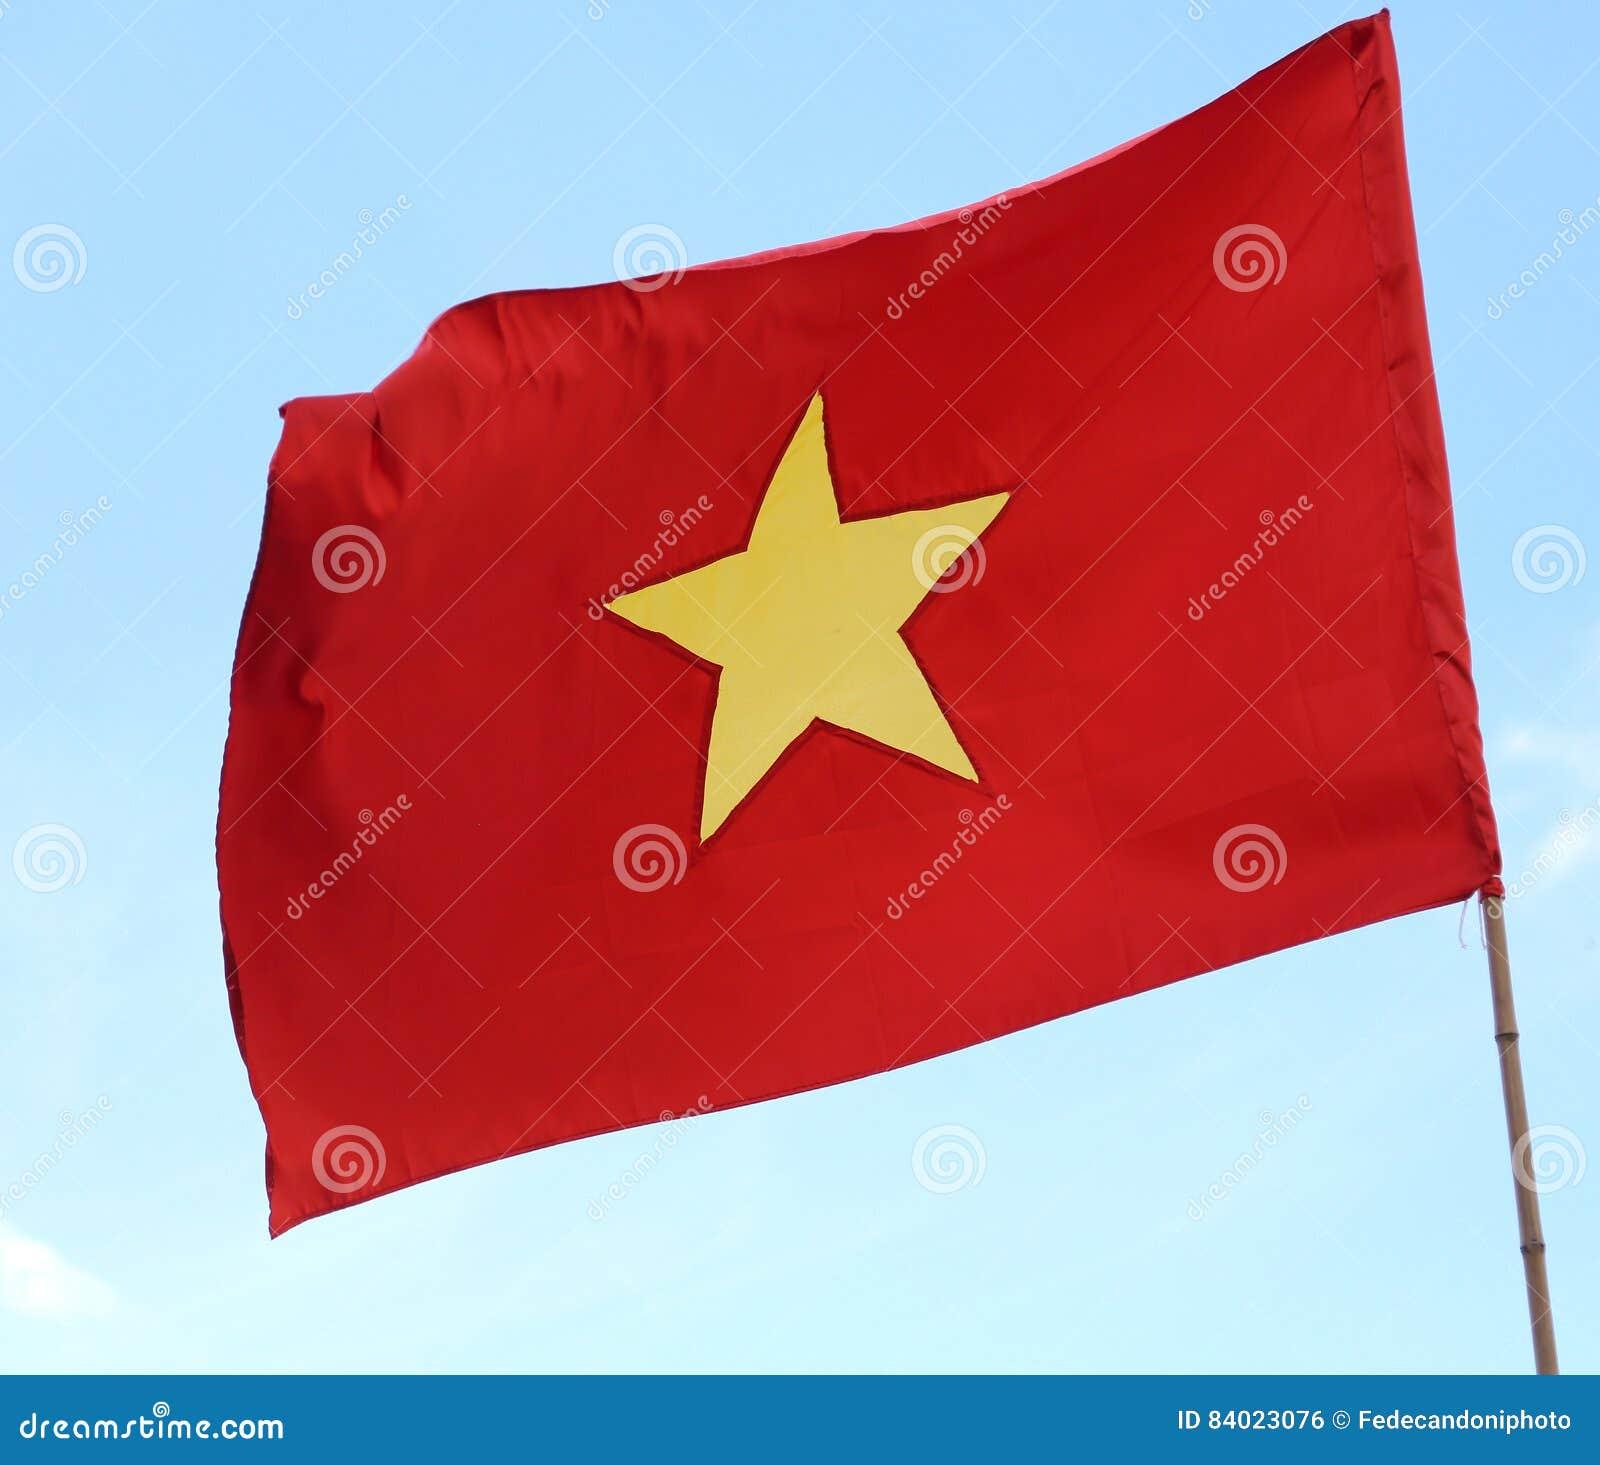 Con rojas del banderas estrellas mundo